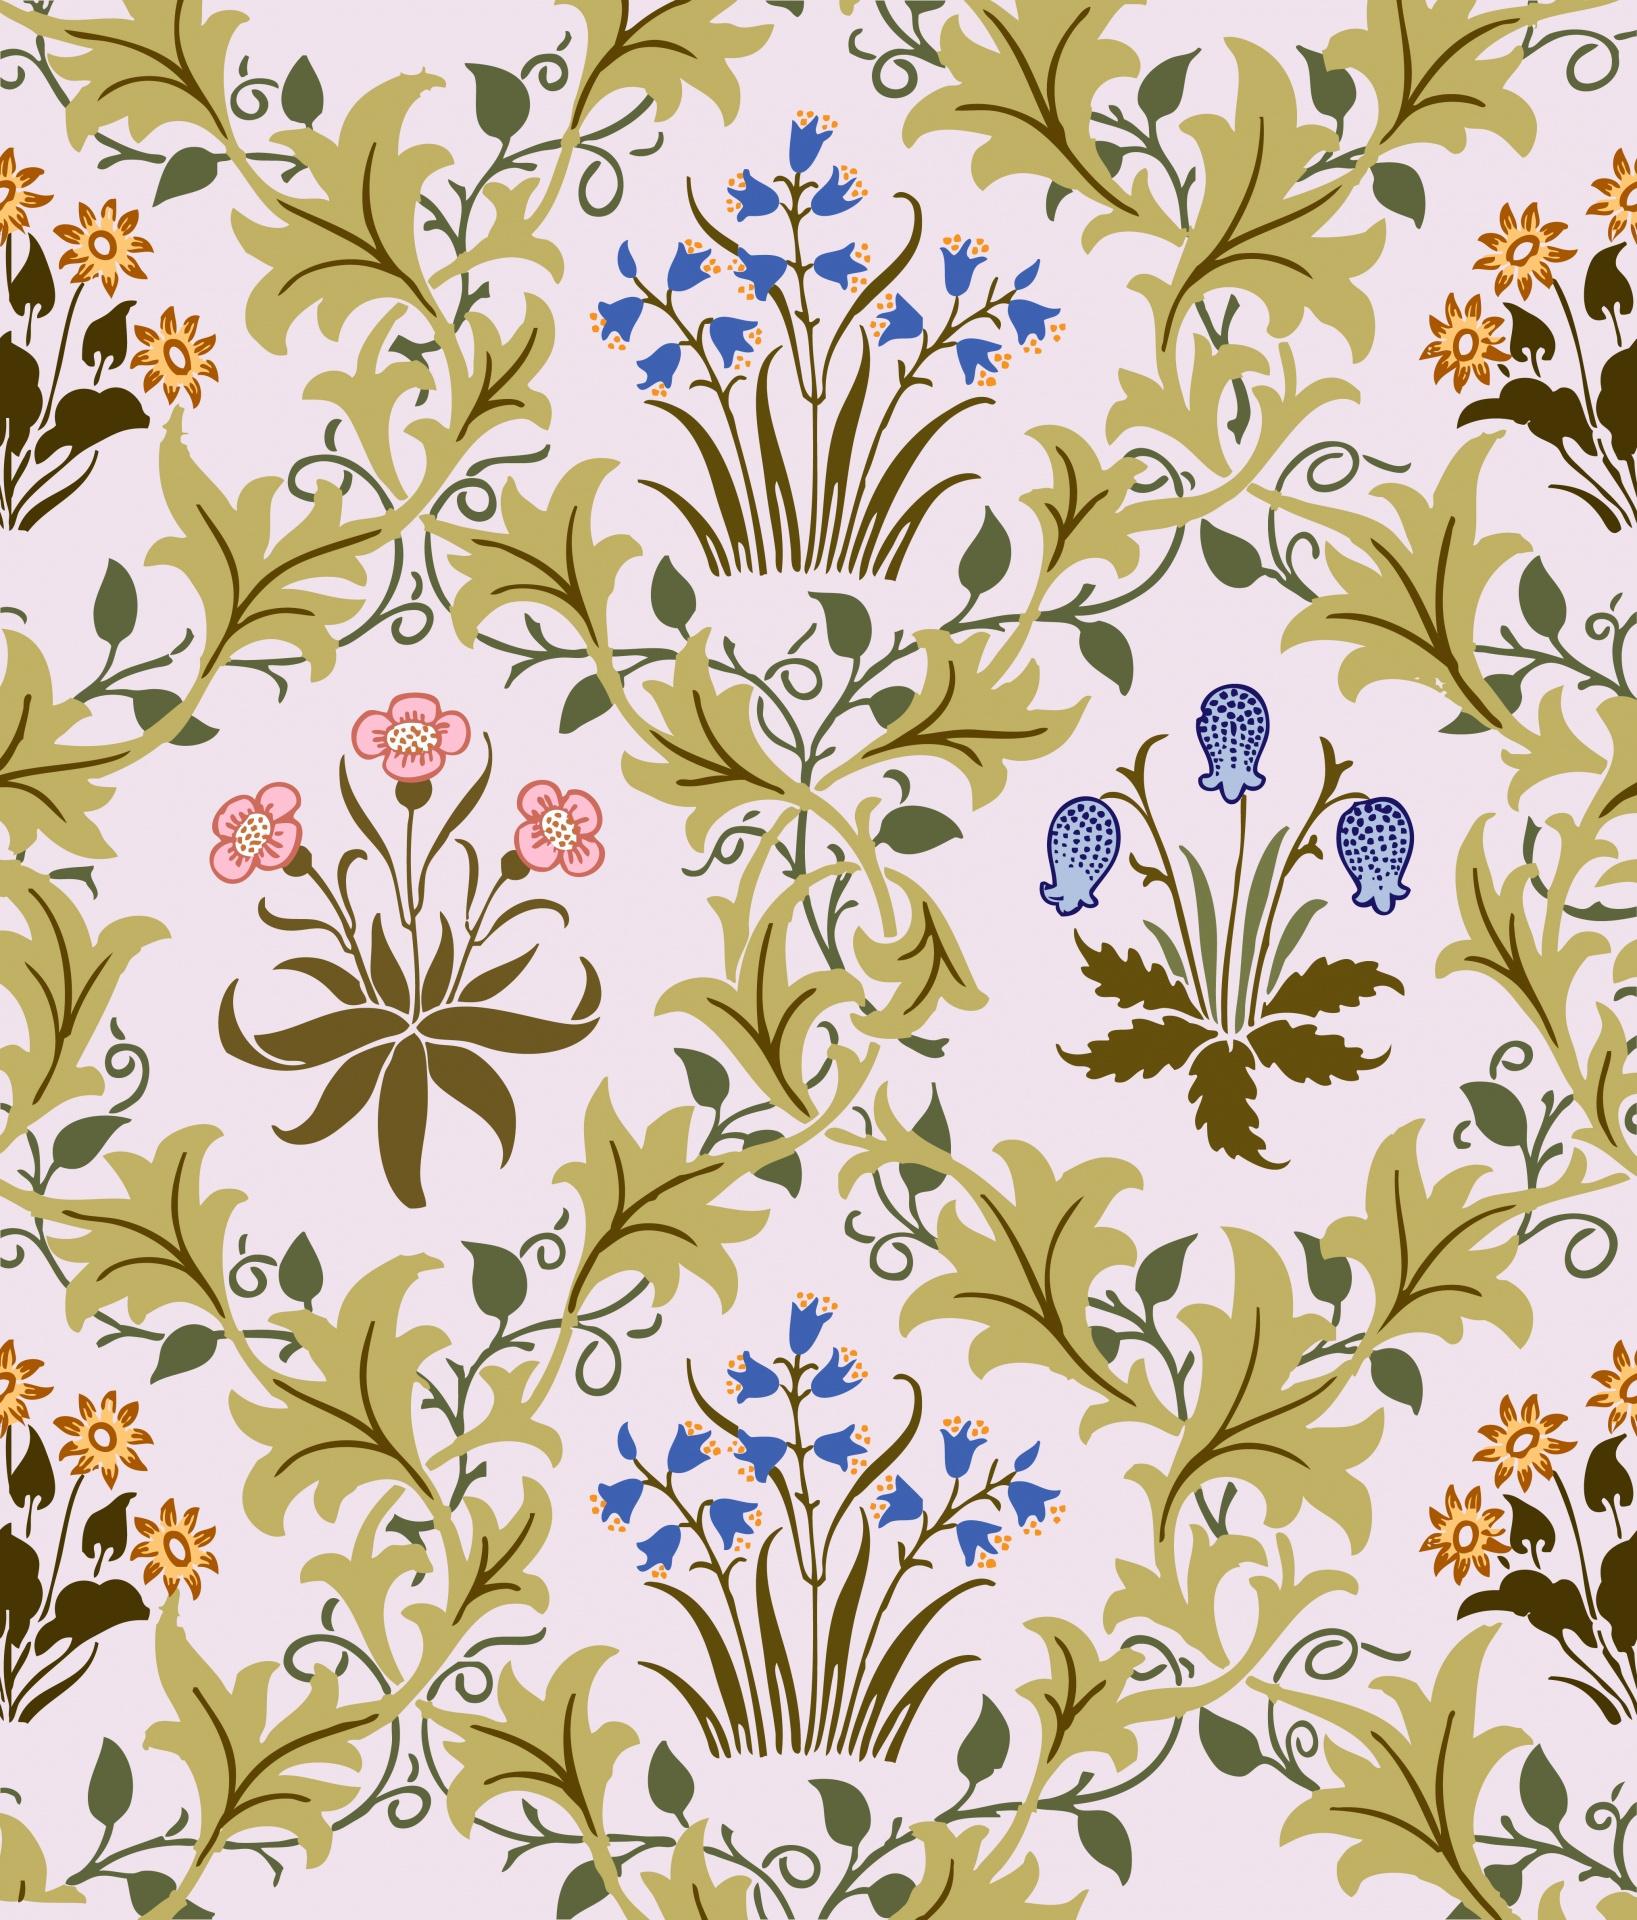 Flower Background Wallpaper Vintage